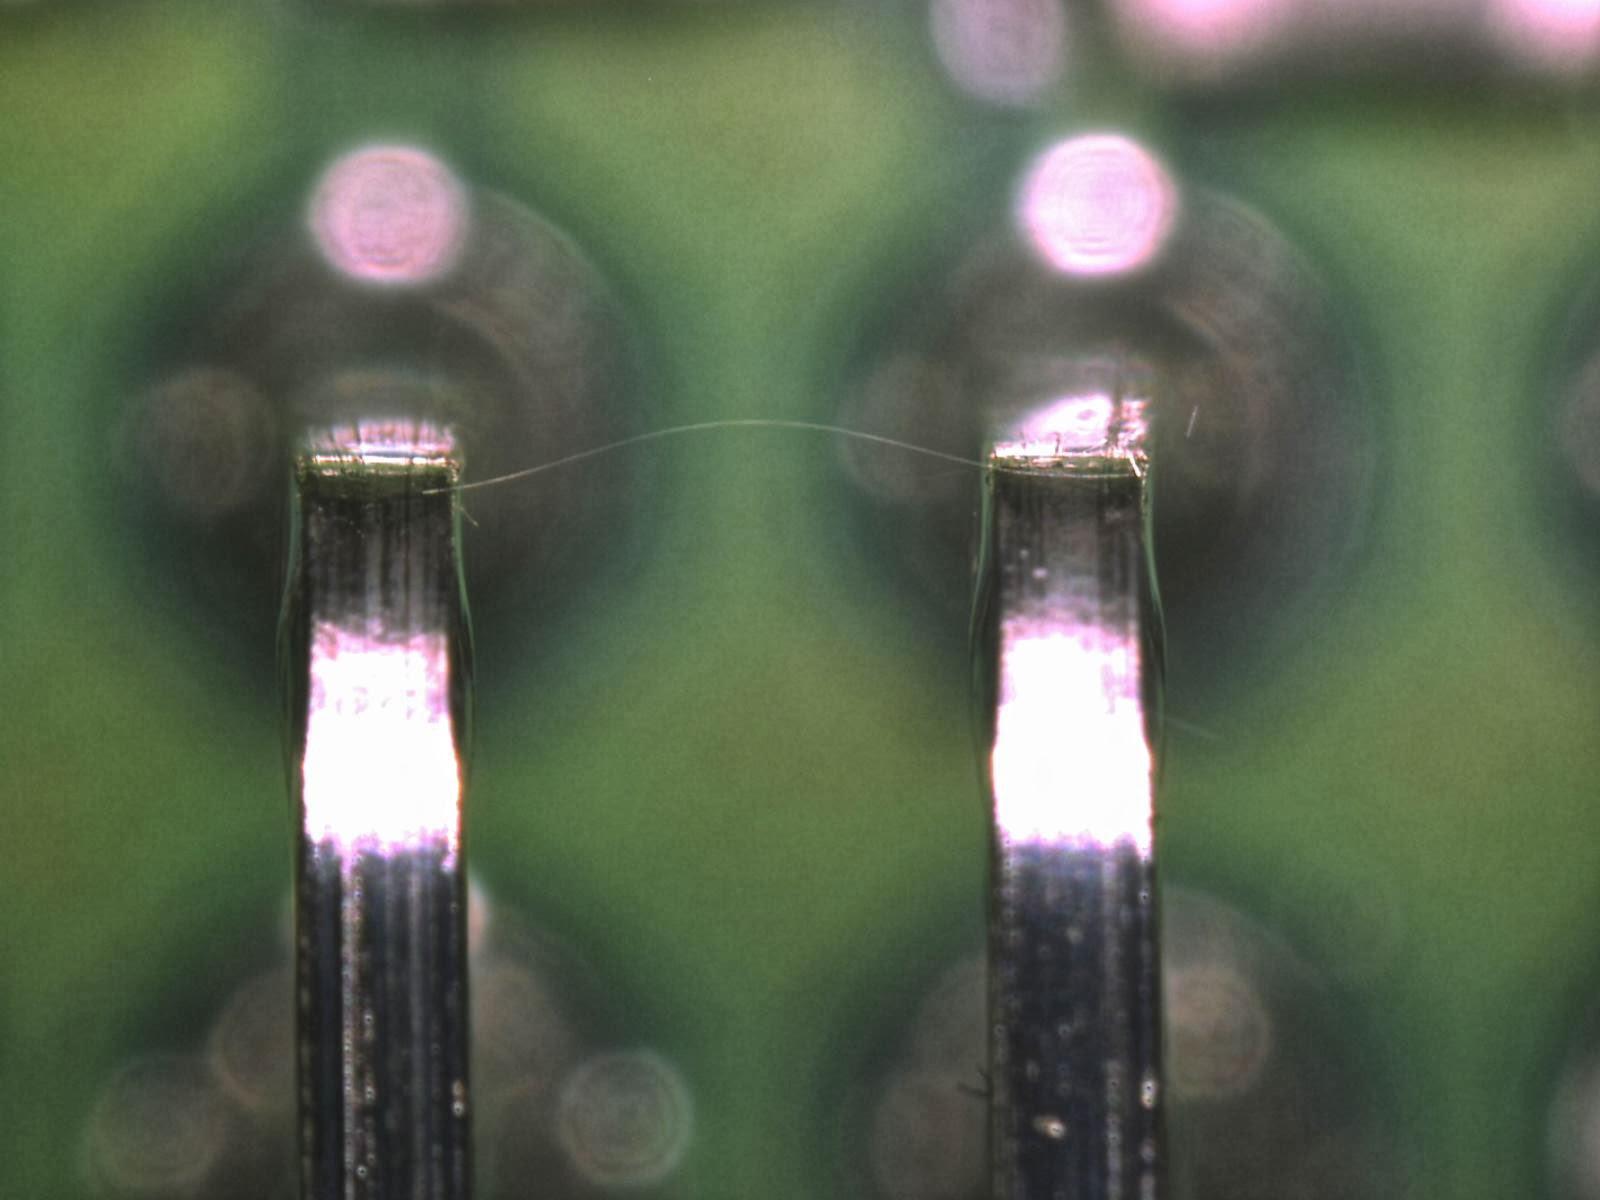 Zwarcie pinów. Źródło: NASA